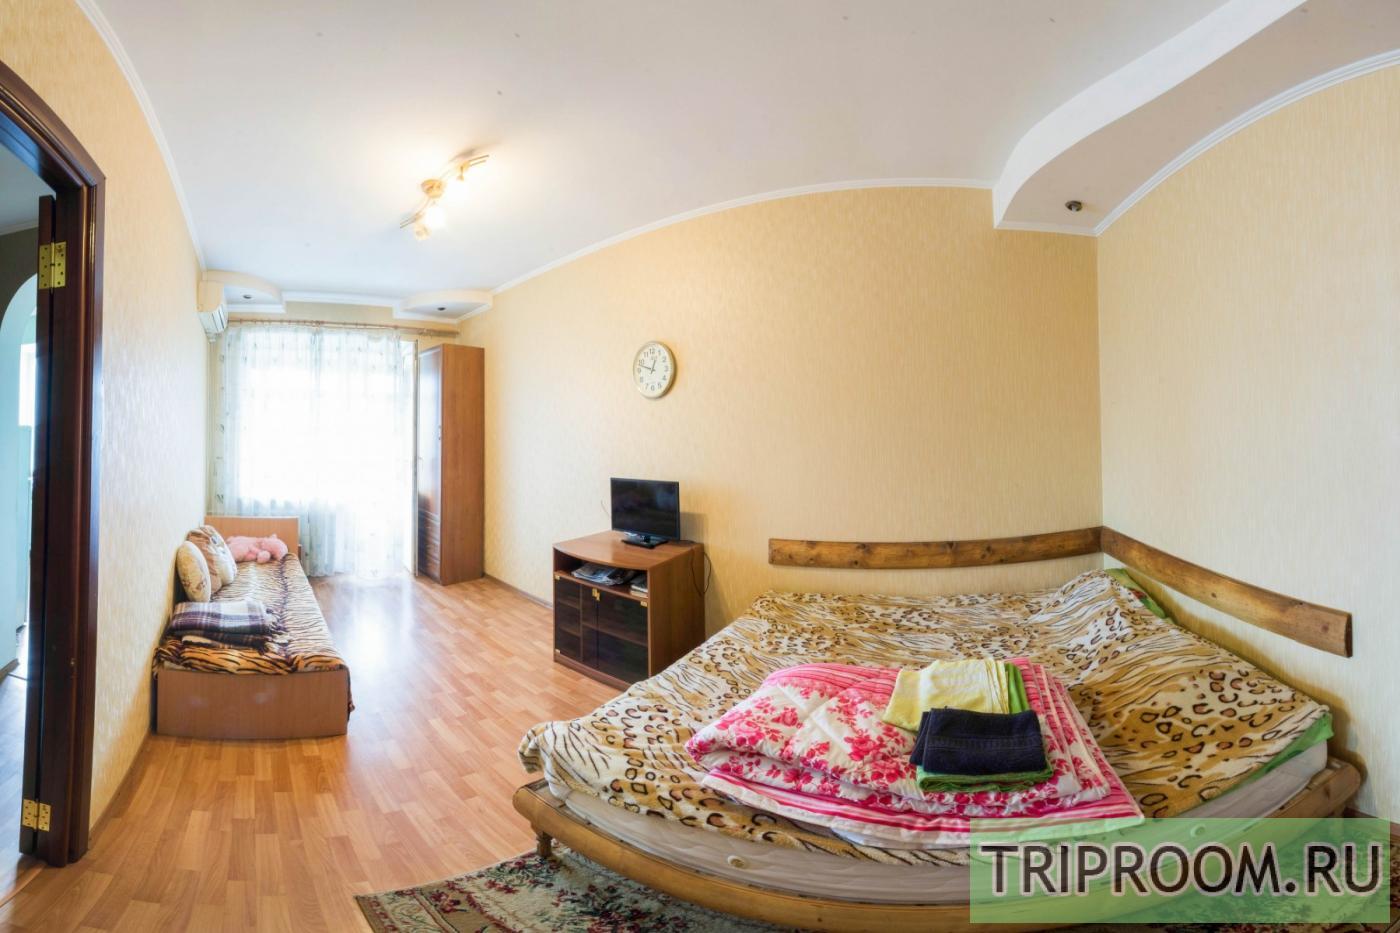 1-комнатная квартира посуточно (вариант № 19472), ул. Севастопольская улица, фото № 1